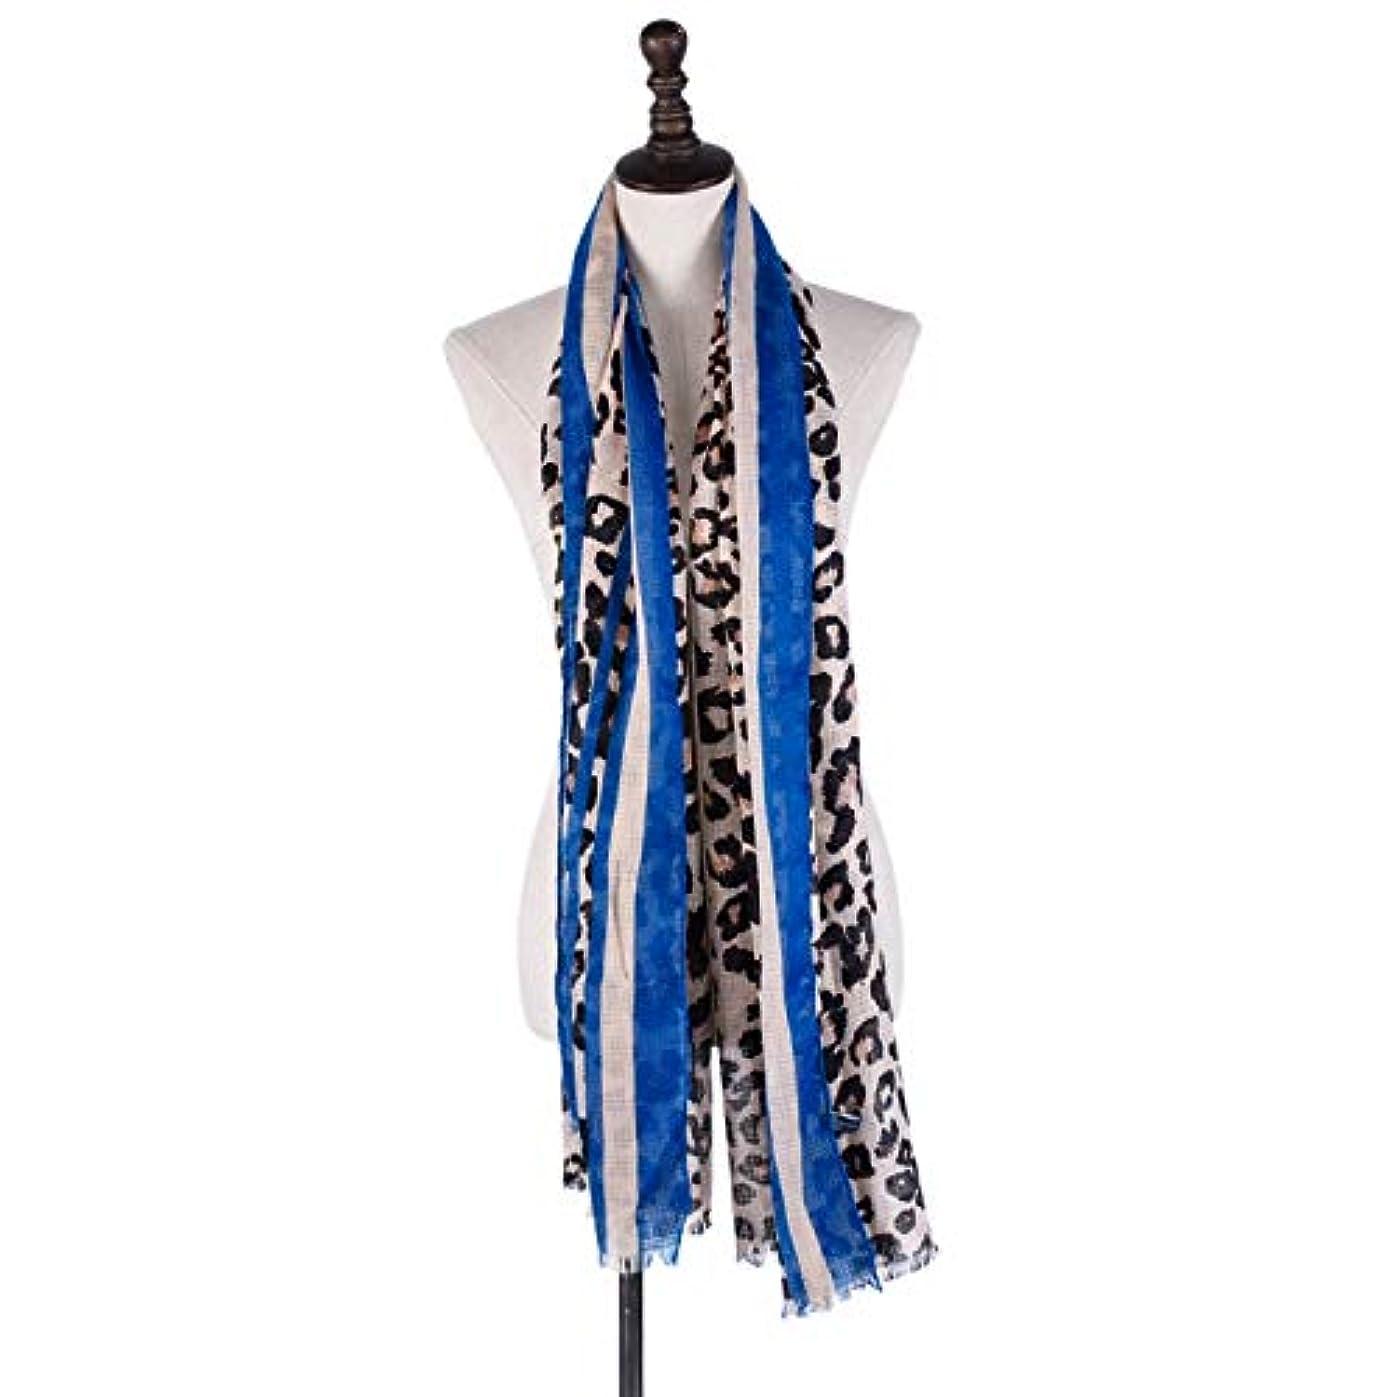 抵当ポーズ追放スカーフ 綿とリネン 民族風 レトロ 女性向け ヒョウプリント ショール 四季通用 多機能 防寒 冷房対策 日焼け止め